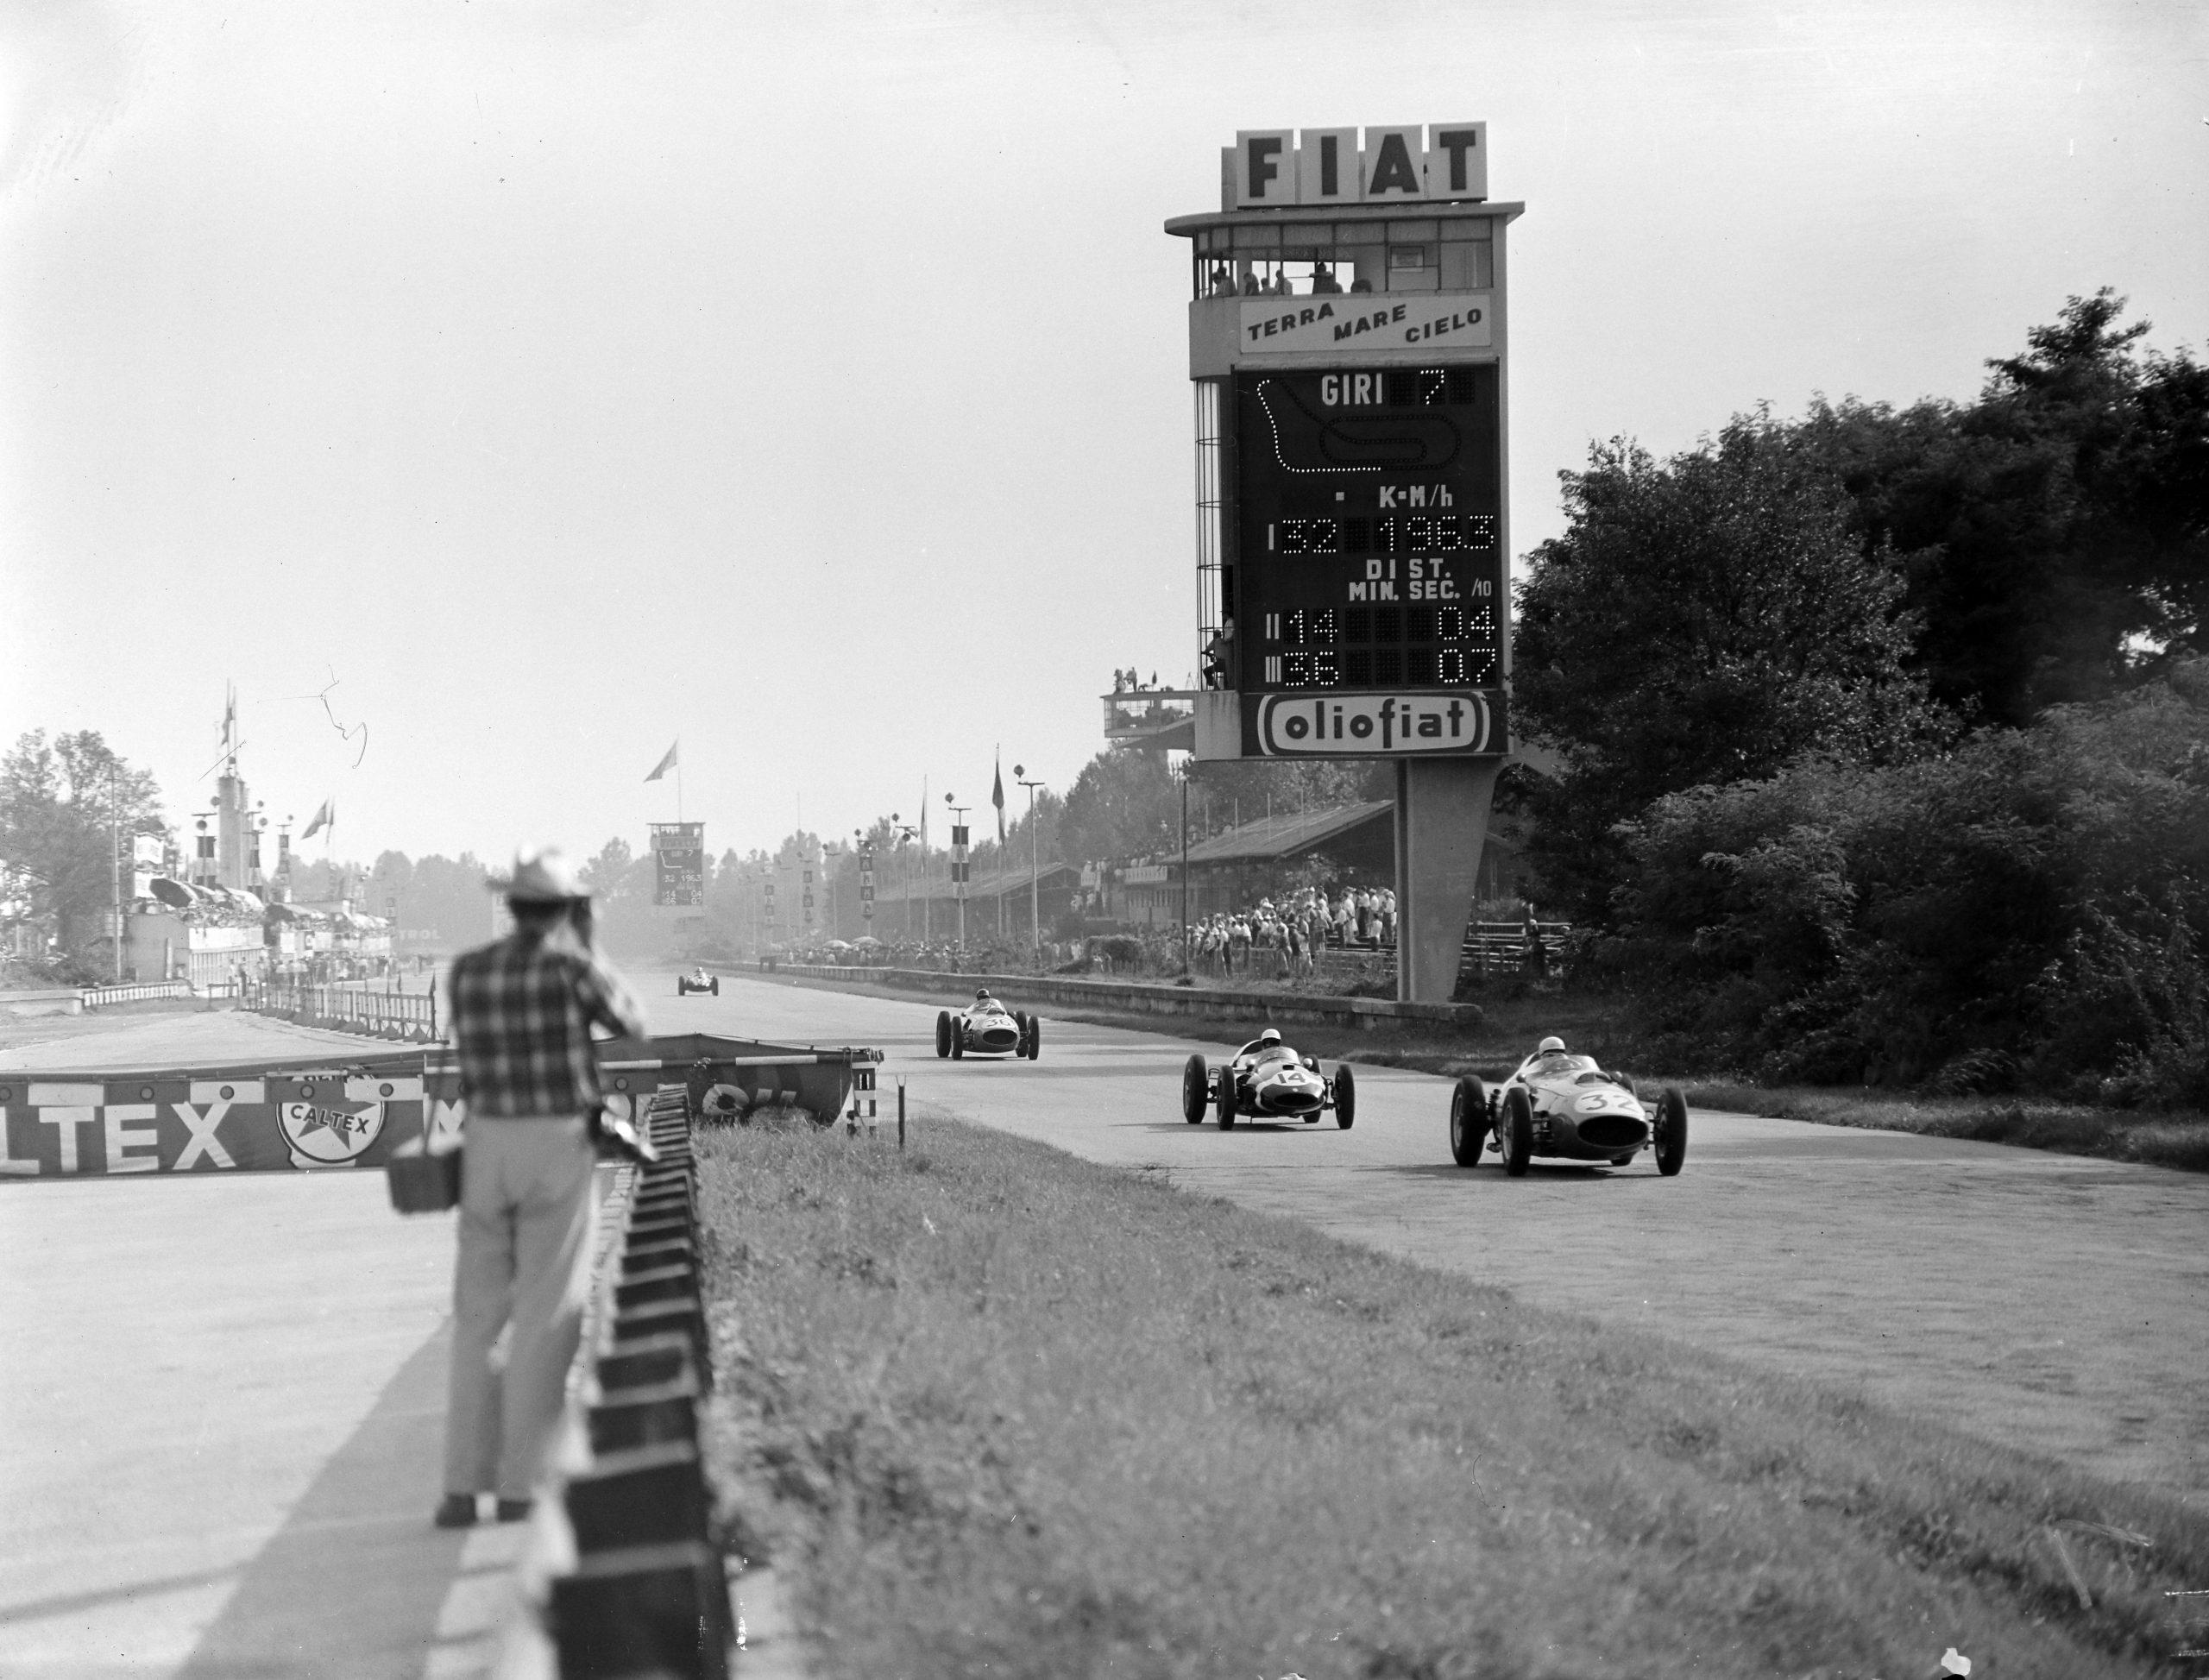 Phil Hill, in a Ferrari 246, leads Stirling Moss driving a Cooper T51 Climax and Dan Gurney also in a Ferrari 246